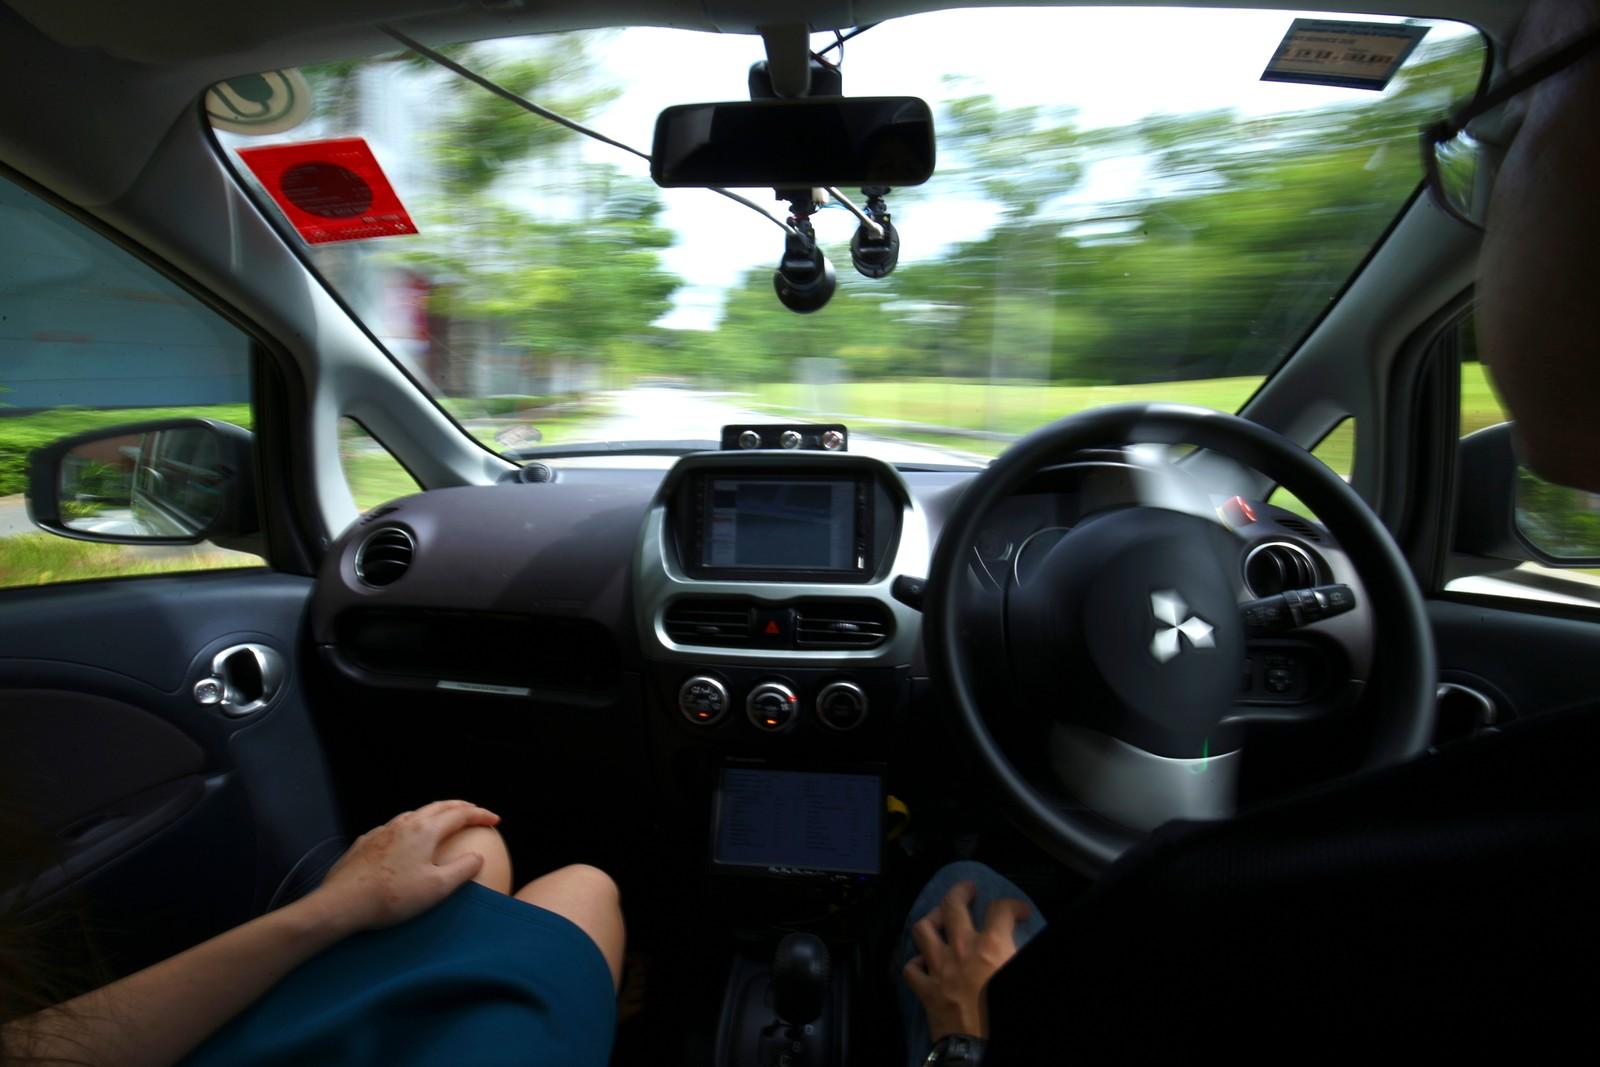 Se mamma, ingen hender!  Dette er fra en testtur i Singapore den 24. august. Den 25. august begynte verdens første selvkjørende drosjer å plukke opp passasjerer. Det er selskapet nuTonomy som står bak tjenesten. Foreløpig er det bare seks slike drosjer, men det kommer til å være dobbelt så mange på slutten av året.